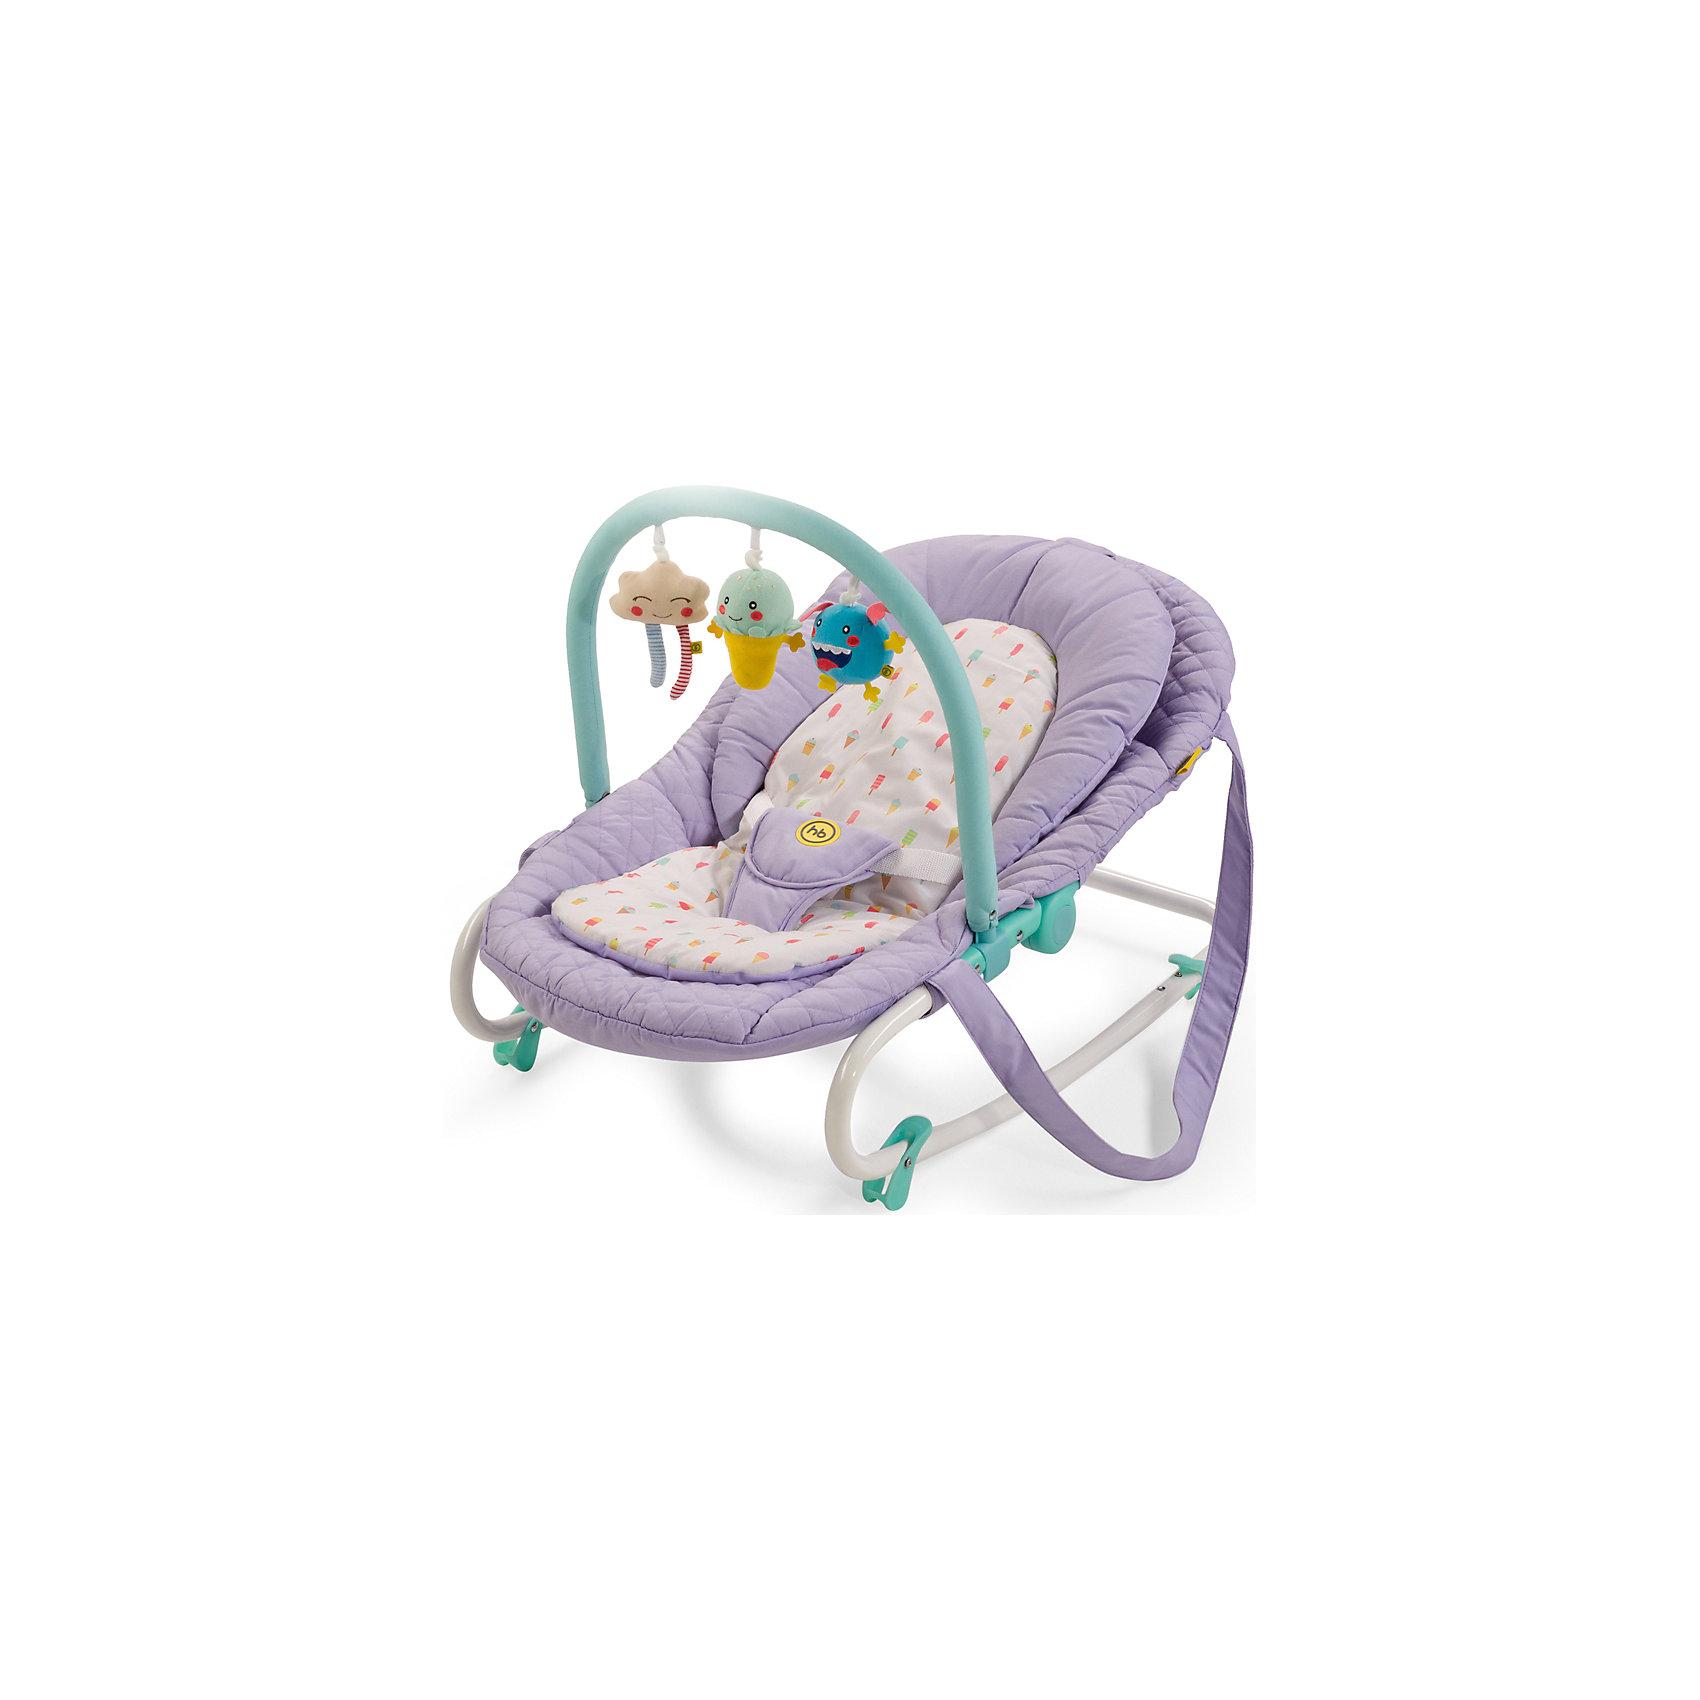 Шезлонг Nesty, Happy Baby, фиолетовыйШезлонг Nesty, Happy Baby, фиолетовый – это уютное просторное гнездышко для малышей.<br>Шезлонг NESTY создан для малышей с рождения и до 9 кг. Три положения спинки позволят ребенку спокойно отдыхать в горизонтальном положении и бодрствовать в двух полусидящих положениях. Шезлонг отлично успокоит и укачает малыша, а благодаря четырем фиксаторам опоры, шезлонг можно зафиксировать в устойчивом горизонтальном положении. Трехточечные ремни безопасности надежно зафиксируют ребенка в шезлонге. Благодаря оригинальной расцветке и съемной дуге с яркими позитивными игрушками, малышу не будет скучно. Предусмотрены ремни для переноски, что очень удобно для транспортировки шезлонга. Мягкая внутренняя вкладка легко стирается и позволит малышу чувствовать себя в шезлонге комфортно.<br><br>Дополнительная информация:<br><br>- Возраст: с рождения<br>- Максимальная нагрузка: 9 кг.<br>- Цвет: фиолетовый<br>- Регулировка наклона, 3 положения<br>- Трехточечные ремни безопасности<br>- Ограничители качания на ножках<br>- Съемная мягкая вкладка-матрасик<br>- Ручки для переноски<br>- Съемная дуга со сменными игрушками<br>- Материал: каркас - пластик, металл; тканые материалы - 100% полиэстер<br>- Размер в разложенном виде: 85х49х57 см.<br>- Ширина сиденья: 30 см.<br>- Глубина сиденья: 35 см.<br>- Длина спального места: 85 см.<br>- Вес: 3,3 кг.<br><br>Шезлонг Nesty, Happy Baby, фиолетовый можно купить в нашем интернет-магазине.<br><br>Ширина мм: 90<br>Глубина мм: 510<br>Высота мм: 865<br>Вес г: 4600<br>Возраст от месяцев: 0<br>Возраст до месяцев: 6<br>Пол: Унисекс<br>Возраст: Детский<br>SKU: 4914550